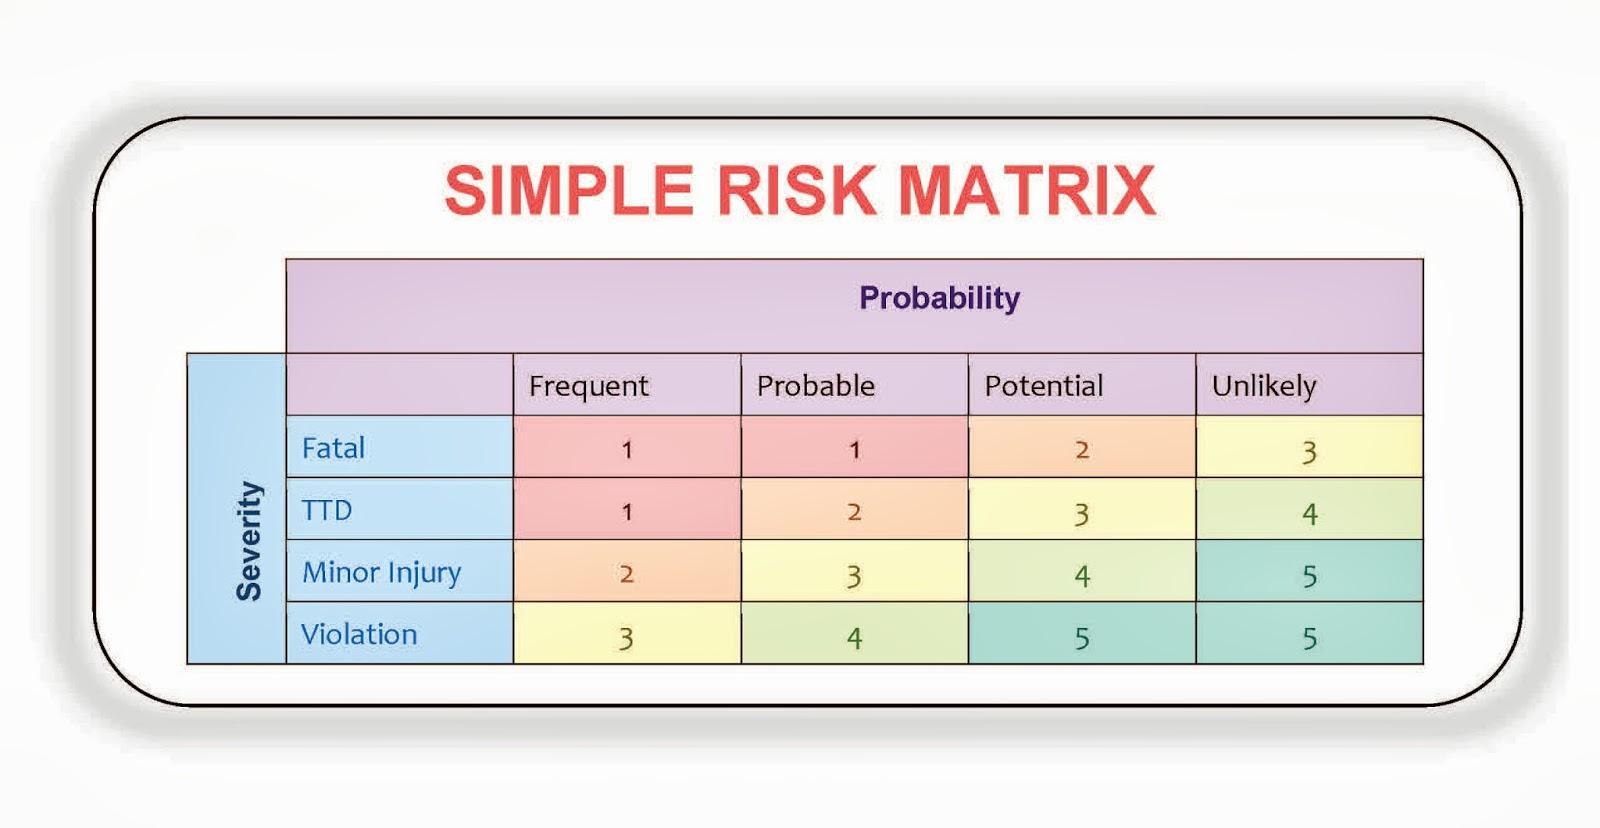 Fall Hazard Risk Assessment Amp Ranking